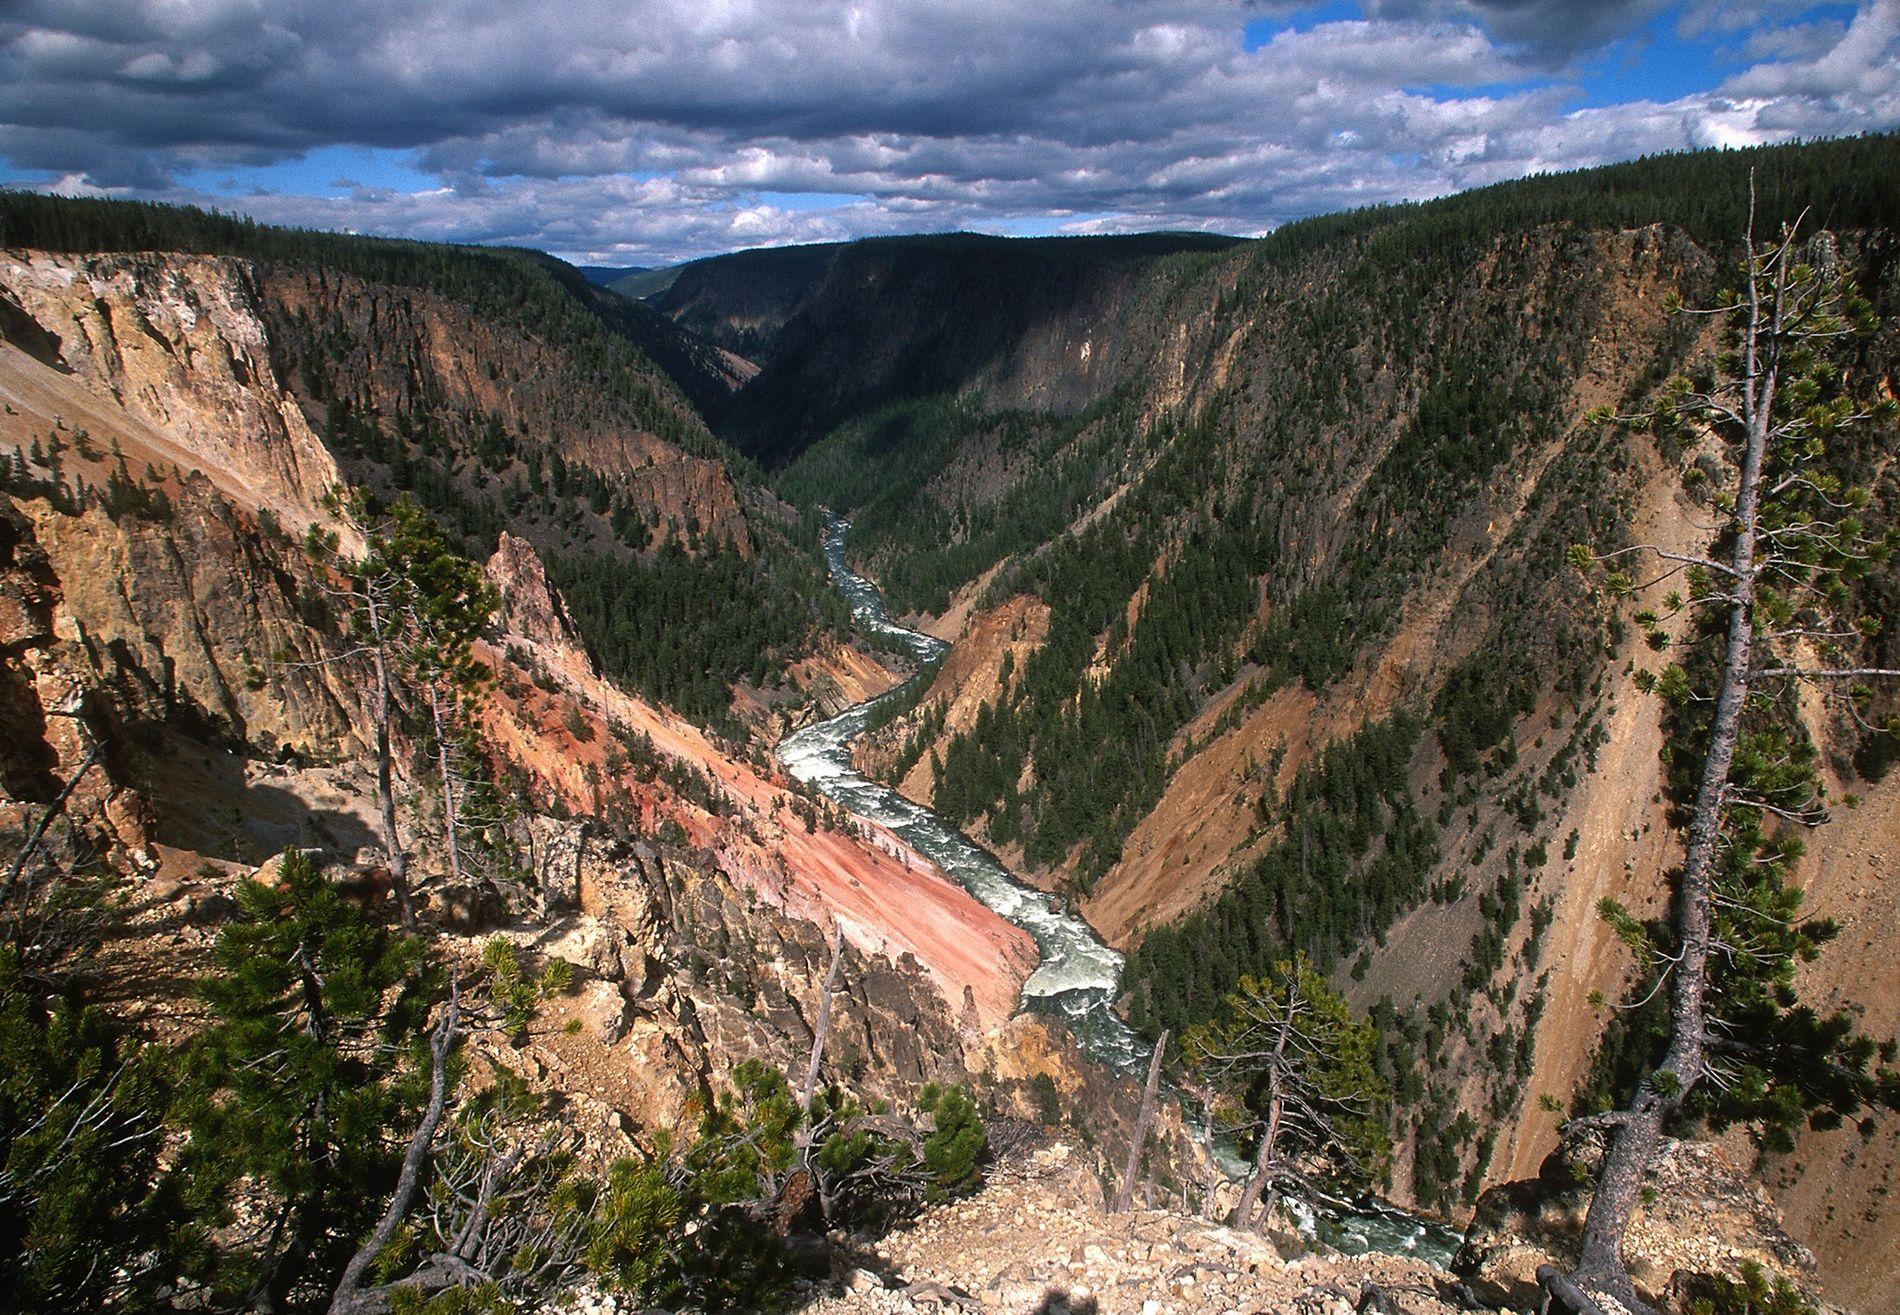 Trotz Budgetkürzungen und Waldbränden fesselt die Schönheit des Yellowstone-Nationalparks weltweit noch immer Millionen von Menschen.